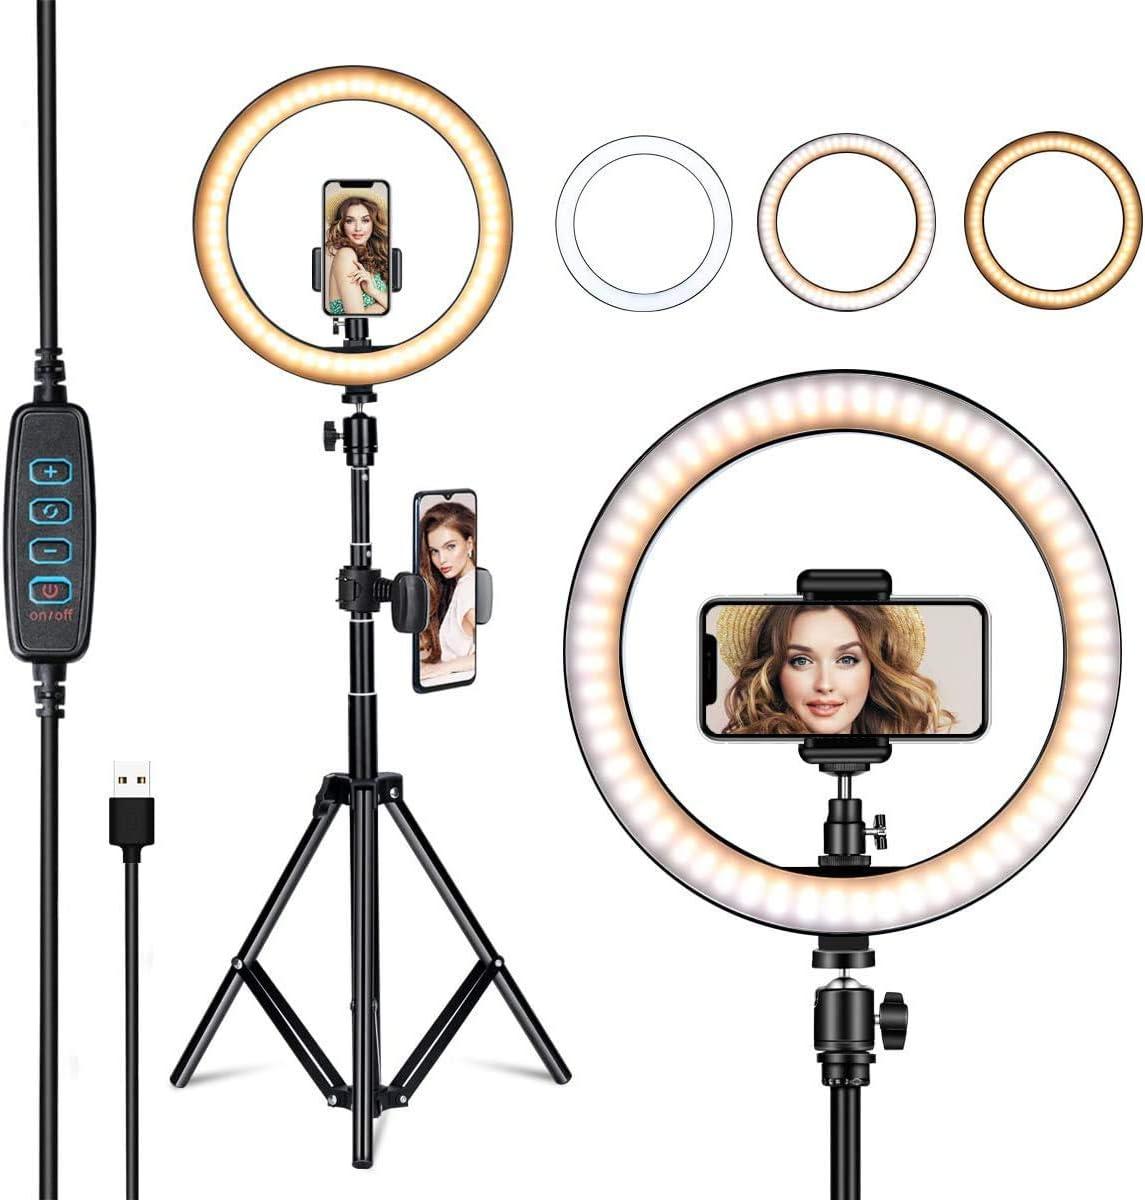 N A WW L/ámpara de Anillo de Belleza LED de 10.2C/ámara Regulable Luz de Anillo de Video de Estudio con Soporte Iluminaci/ón fotogr/áfica Selfie para Youtube Live